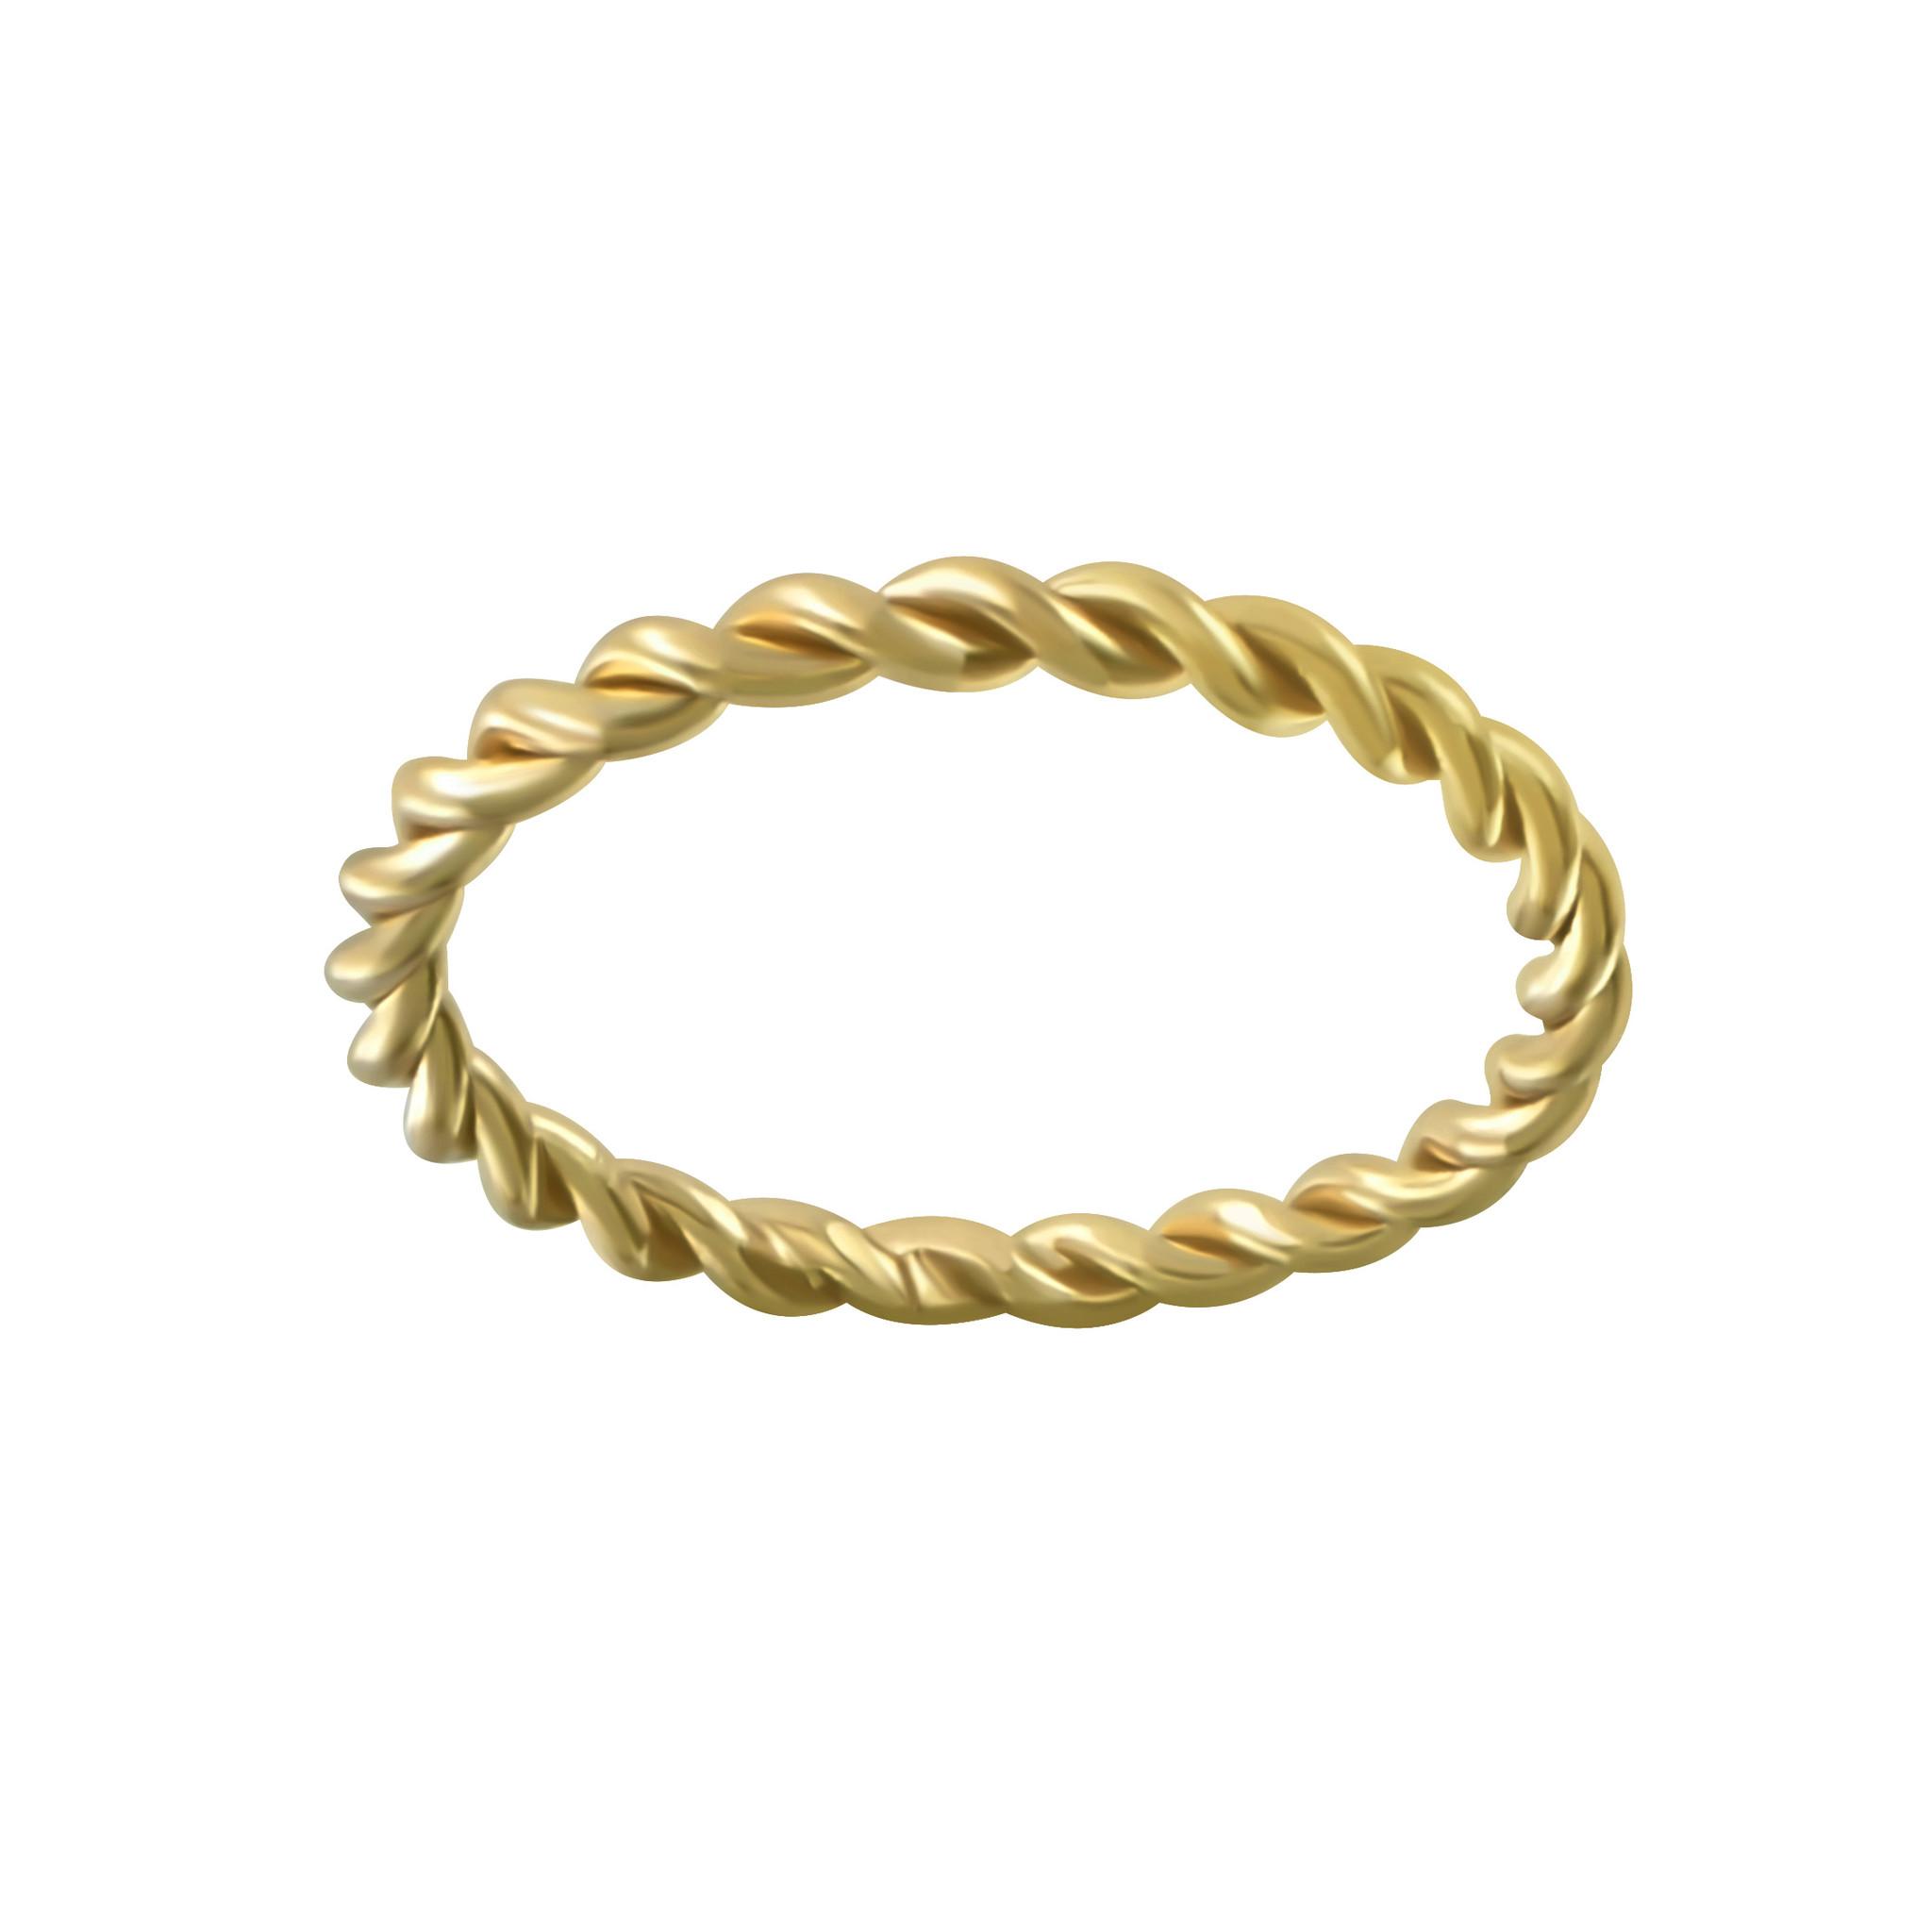 Breit geflochtener Ring aus 925er Sterling Silber - Gold-1